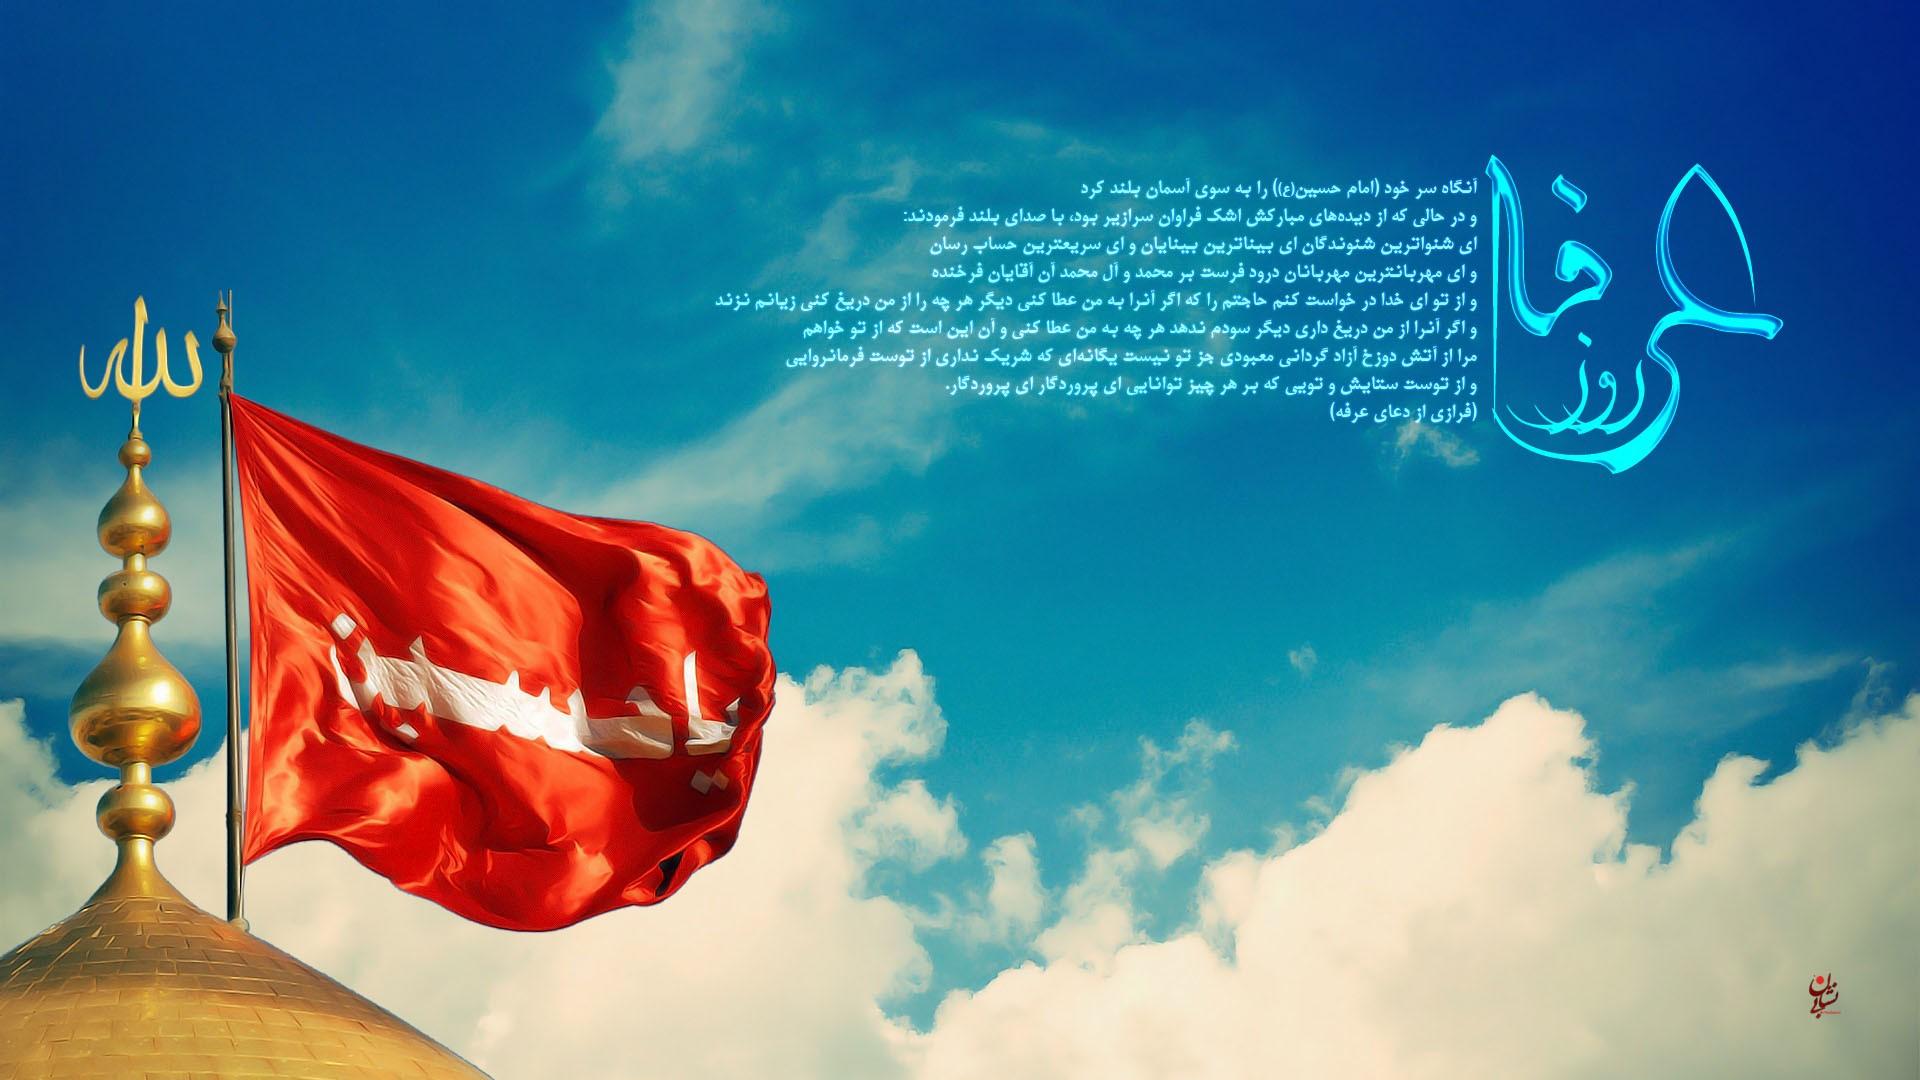 http://bi-neshan.ir/wp-content/uploads/2012/10/Arafeh-3.jpg